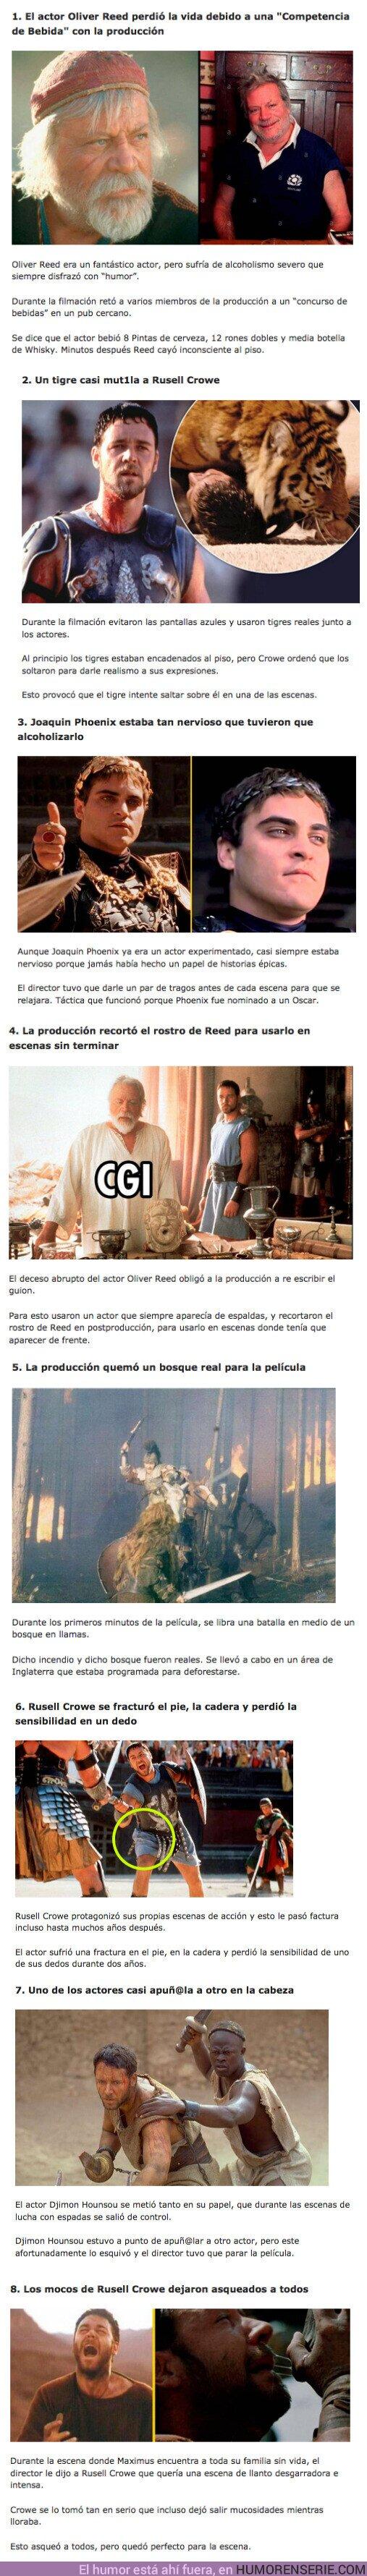 75777 - GALERÍA: 8 cosas loquísimas que sucedieron durante el rodaje de Gladiator